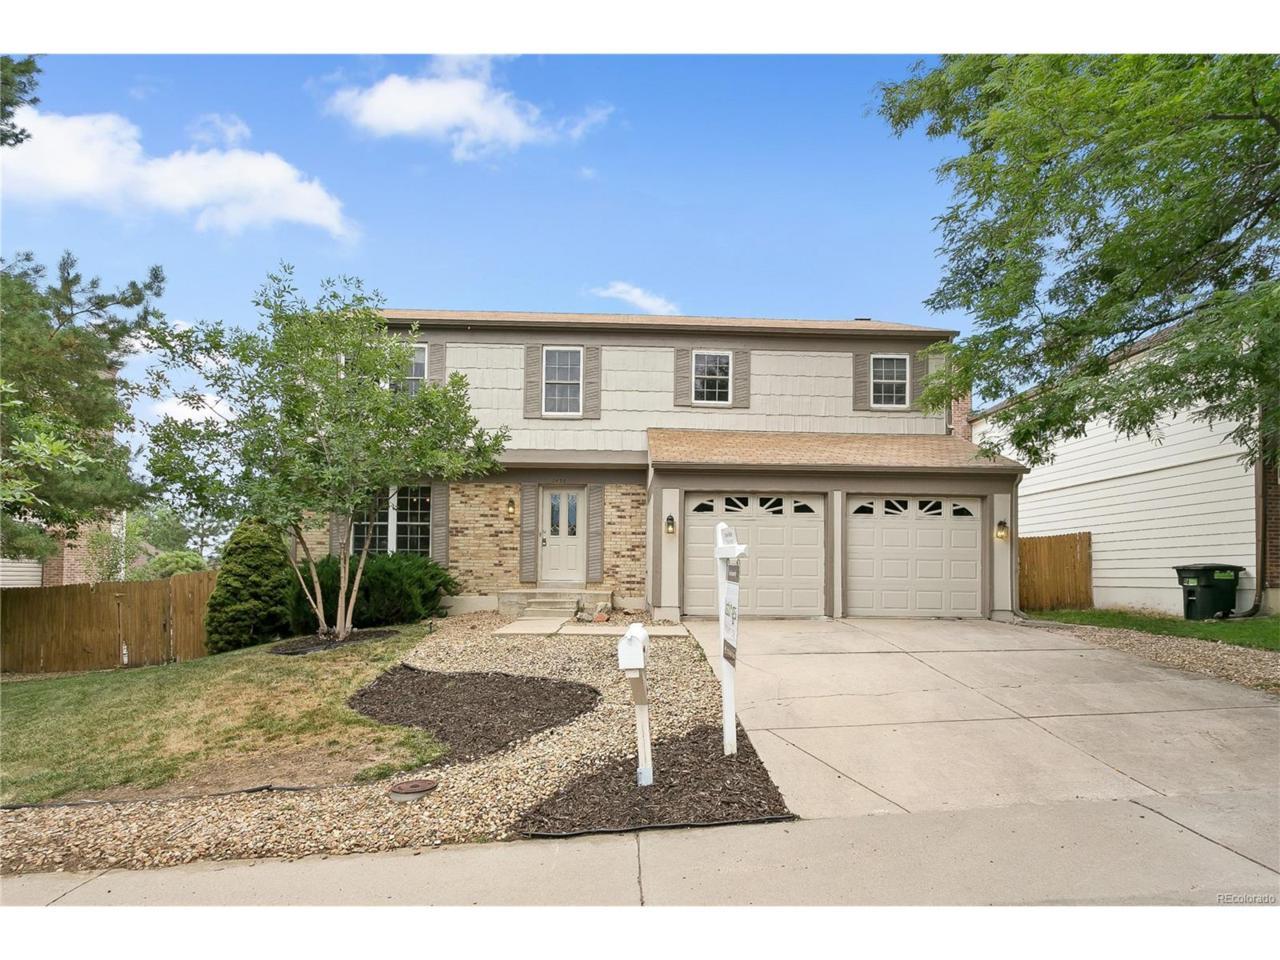 2636 S Olathe Way, Aurora, CO 80013 (MLS #5838580) :: 8z Real Estate